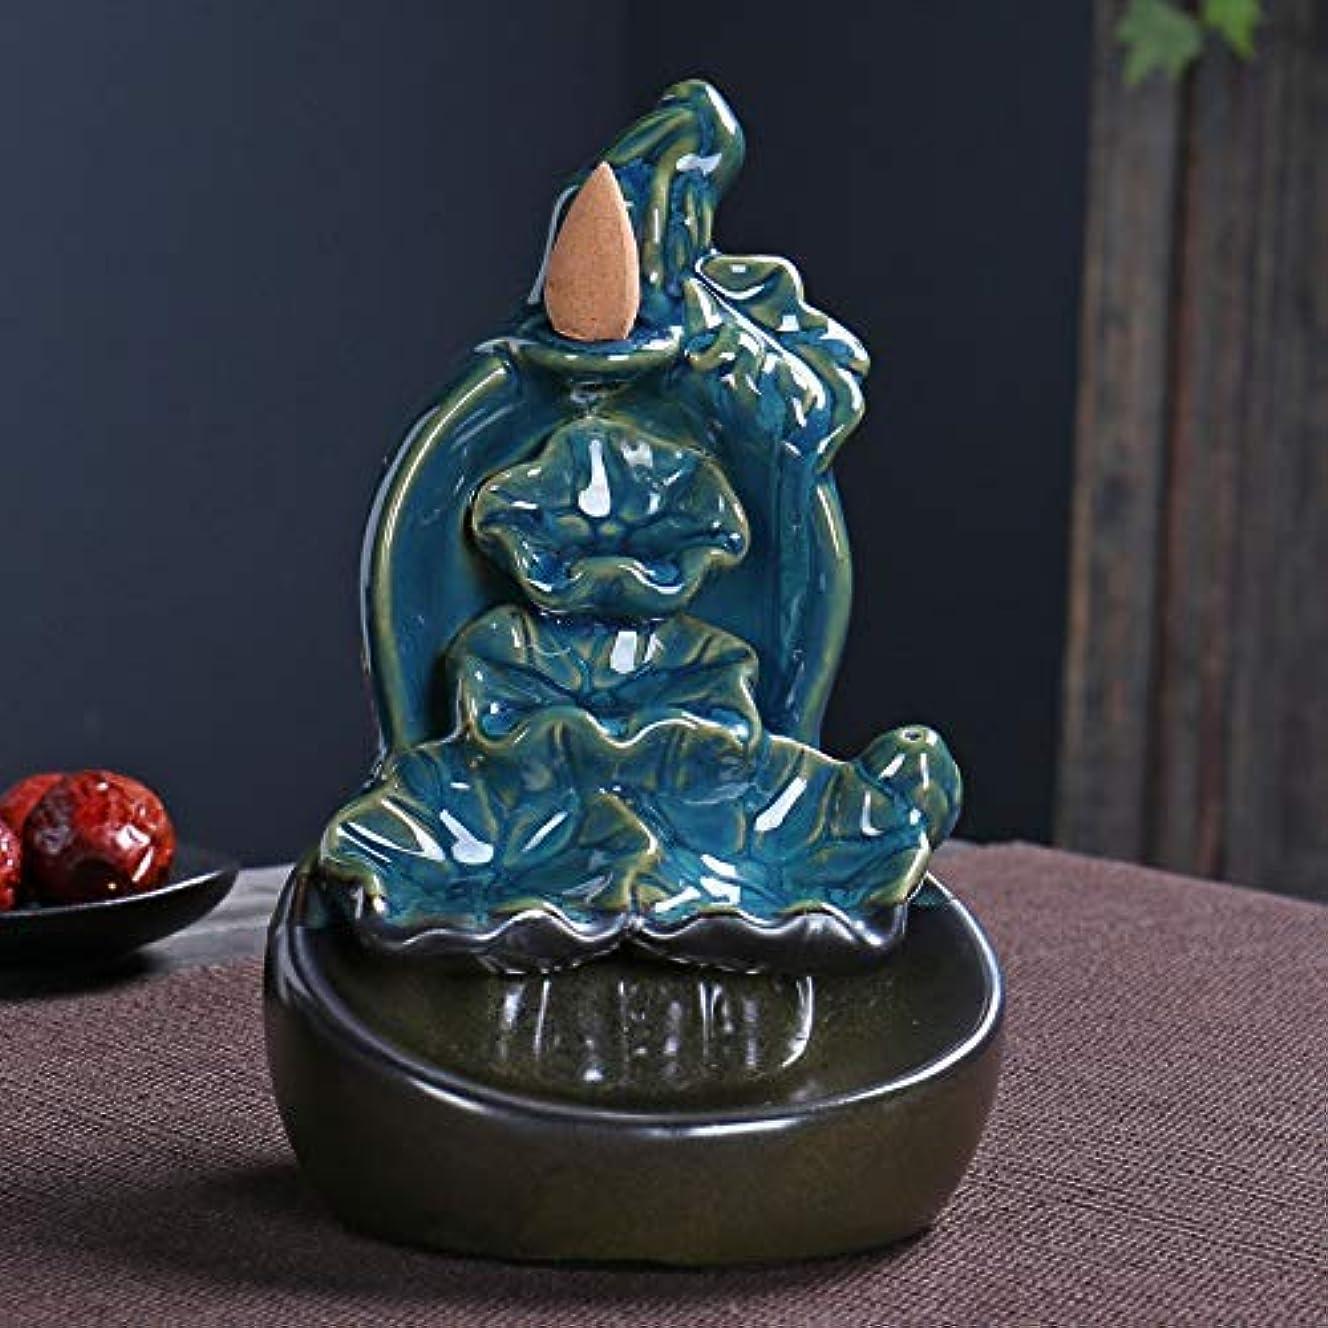 の間で引退するよろめくPHILOGOD 陶器 逆流香炉 蓮の葉クリエイティブスタイリング香炉 お香 ホルダー 香立て